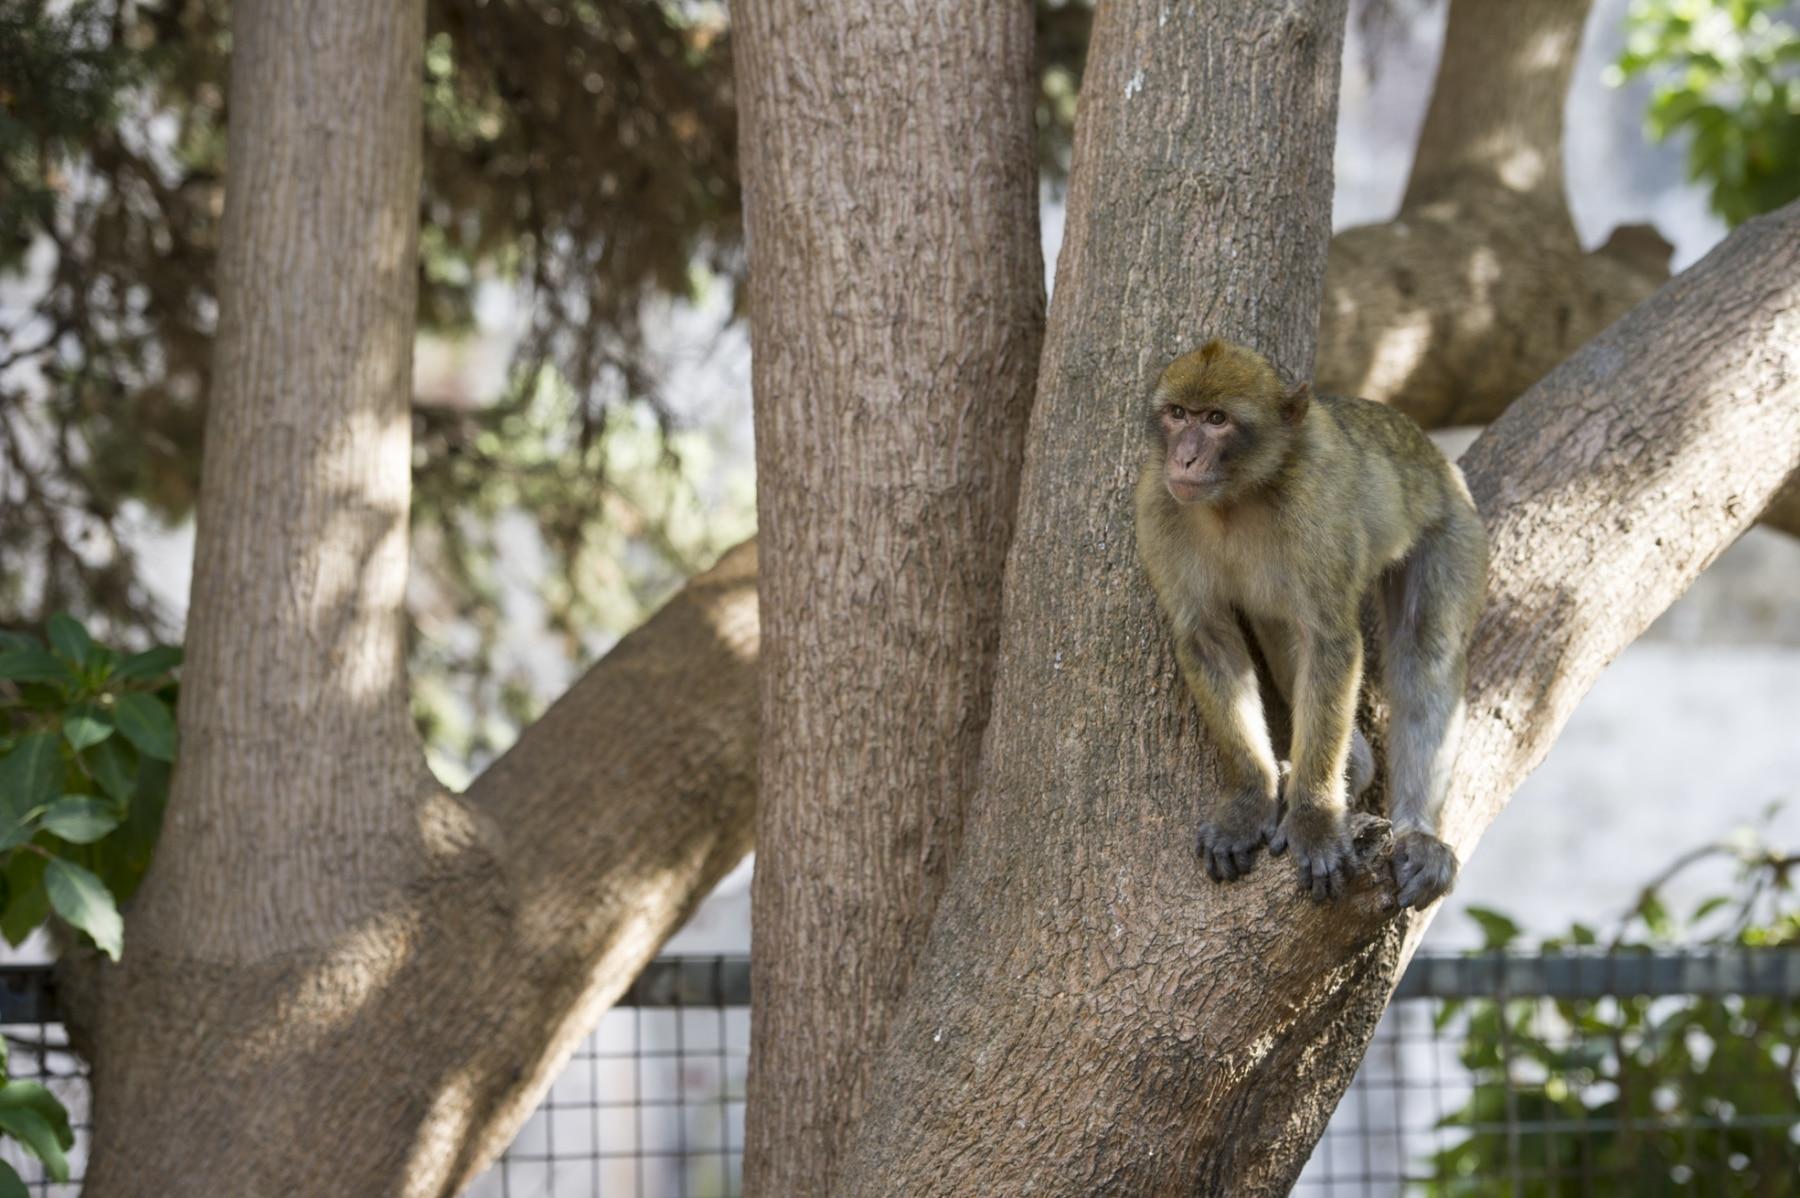 Monos-en-la-ciudad-19